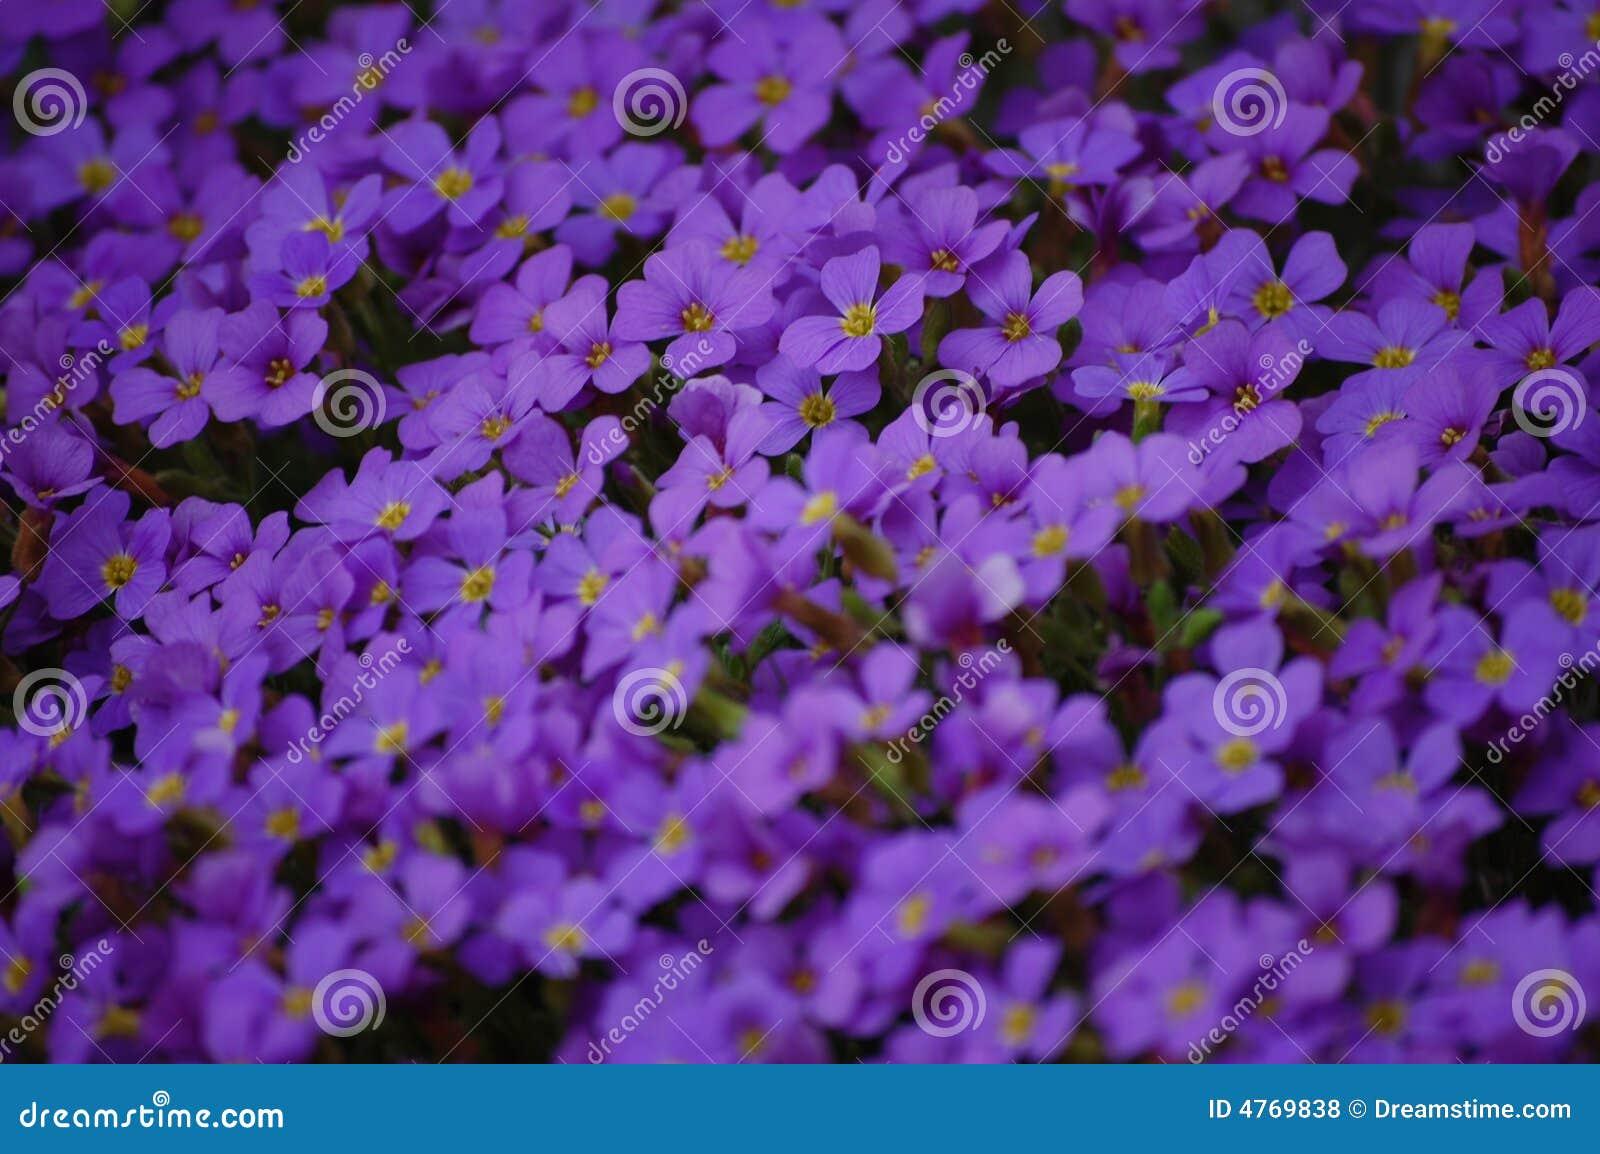 Tiny Purple Flowers Royalty Free Stock Photos Image 4769838